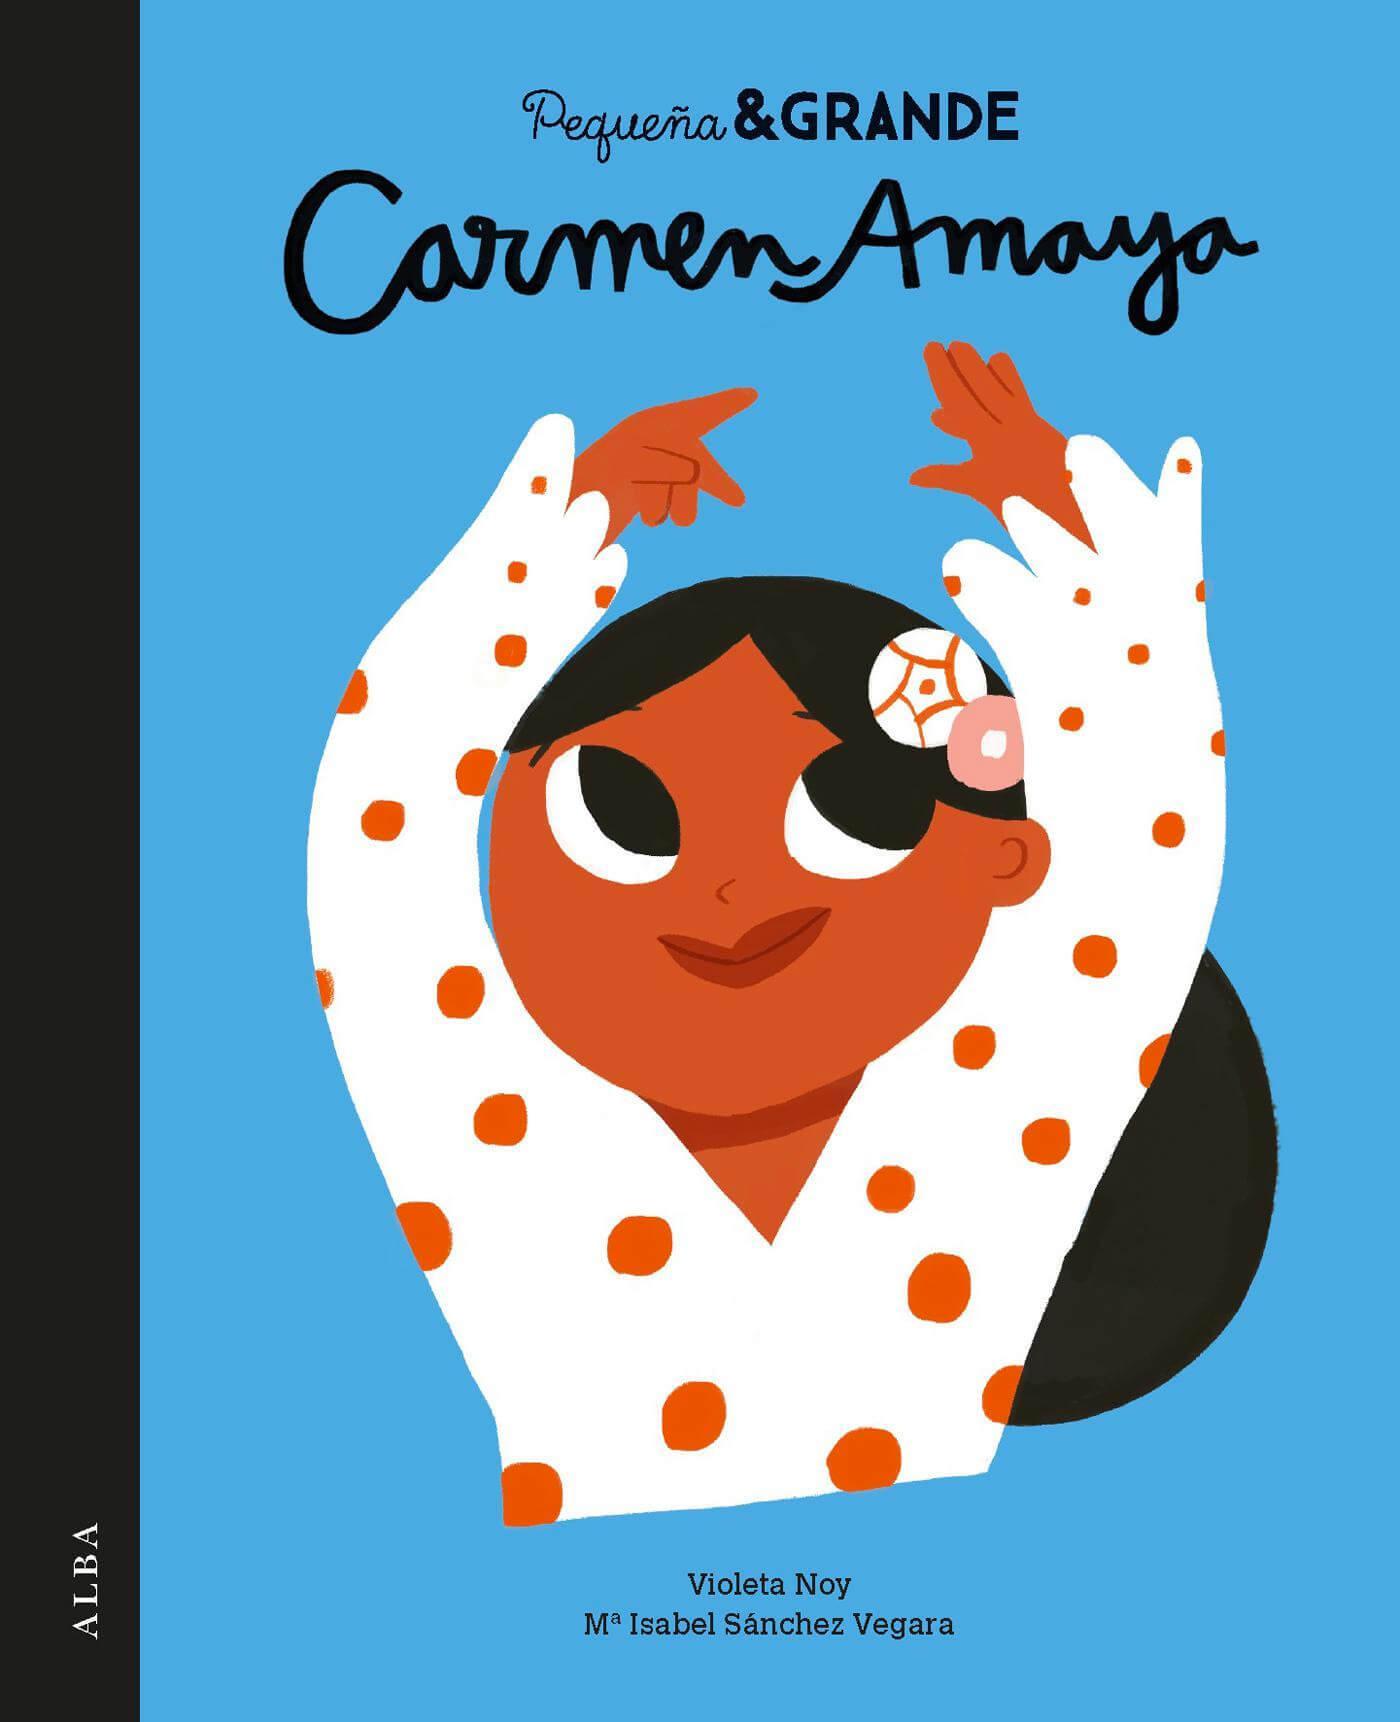 carmen-amaya-pequeña-y-grande-dancer-illustration-violeta-noy-m